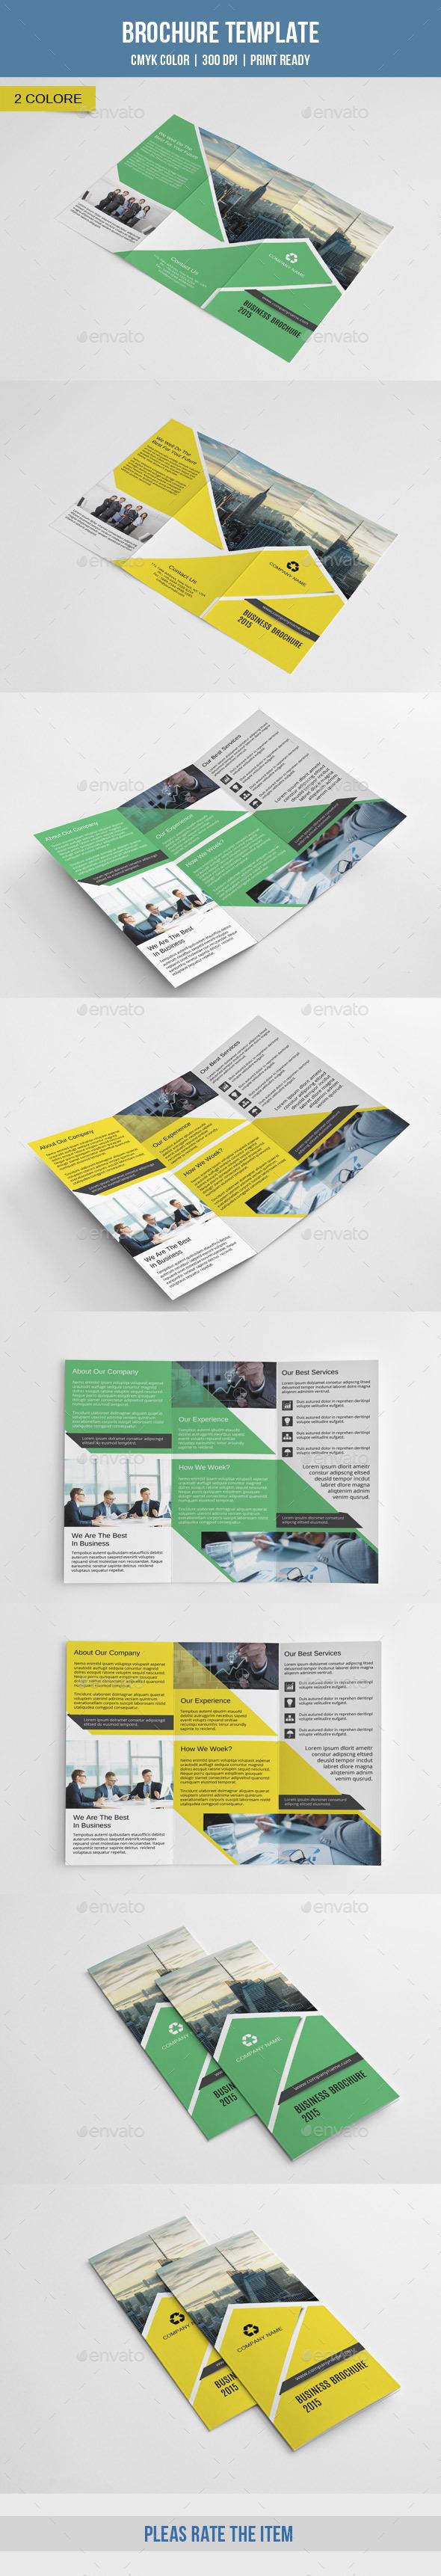 GraphicRiver Corporate Trifold Brochure-V209 9911410